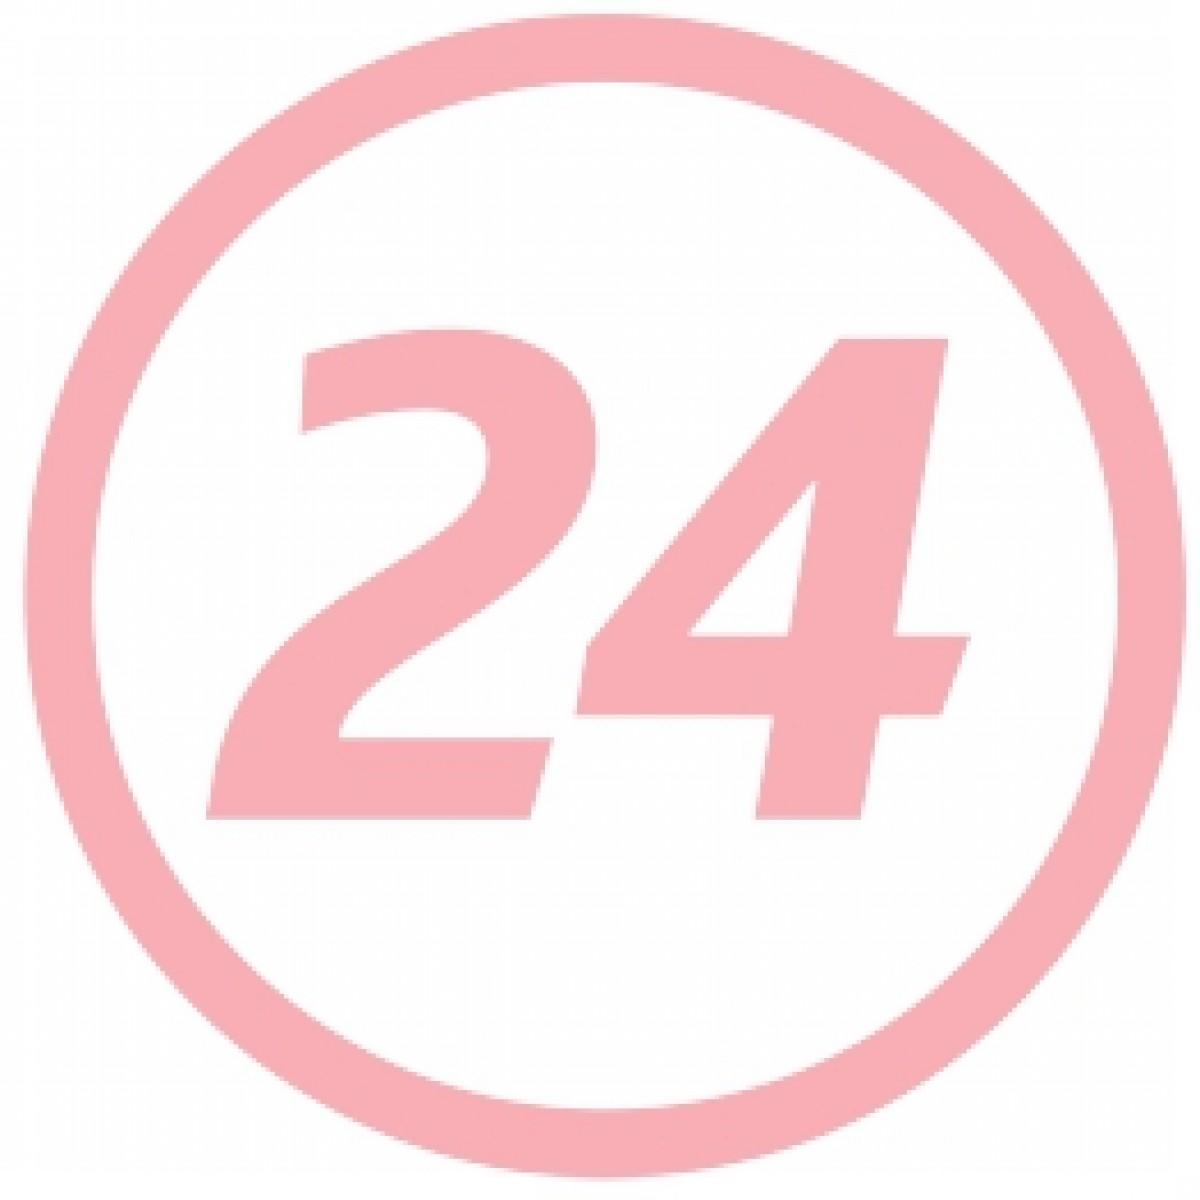 Ducray Neoptide Tratament Impotriva Caderii Parului, Tratament, 3x30ml